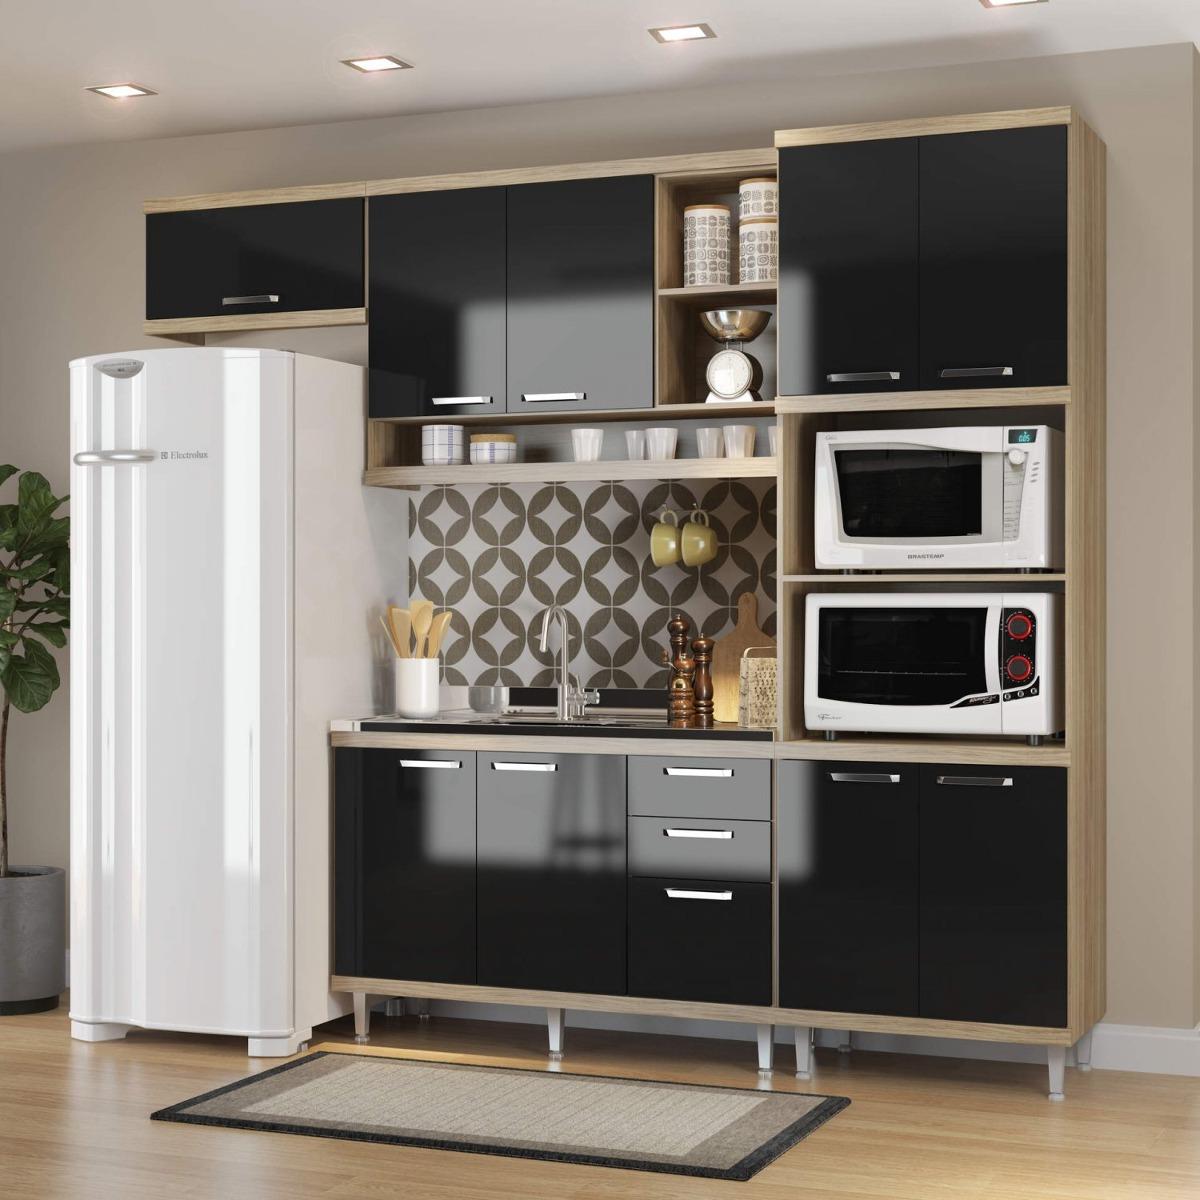 Cozinha Completa Com Balc O Sem Tampo E Torre Quente Jf R 1 449